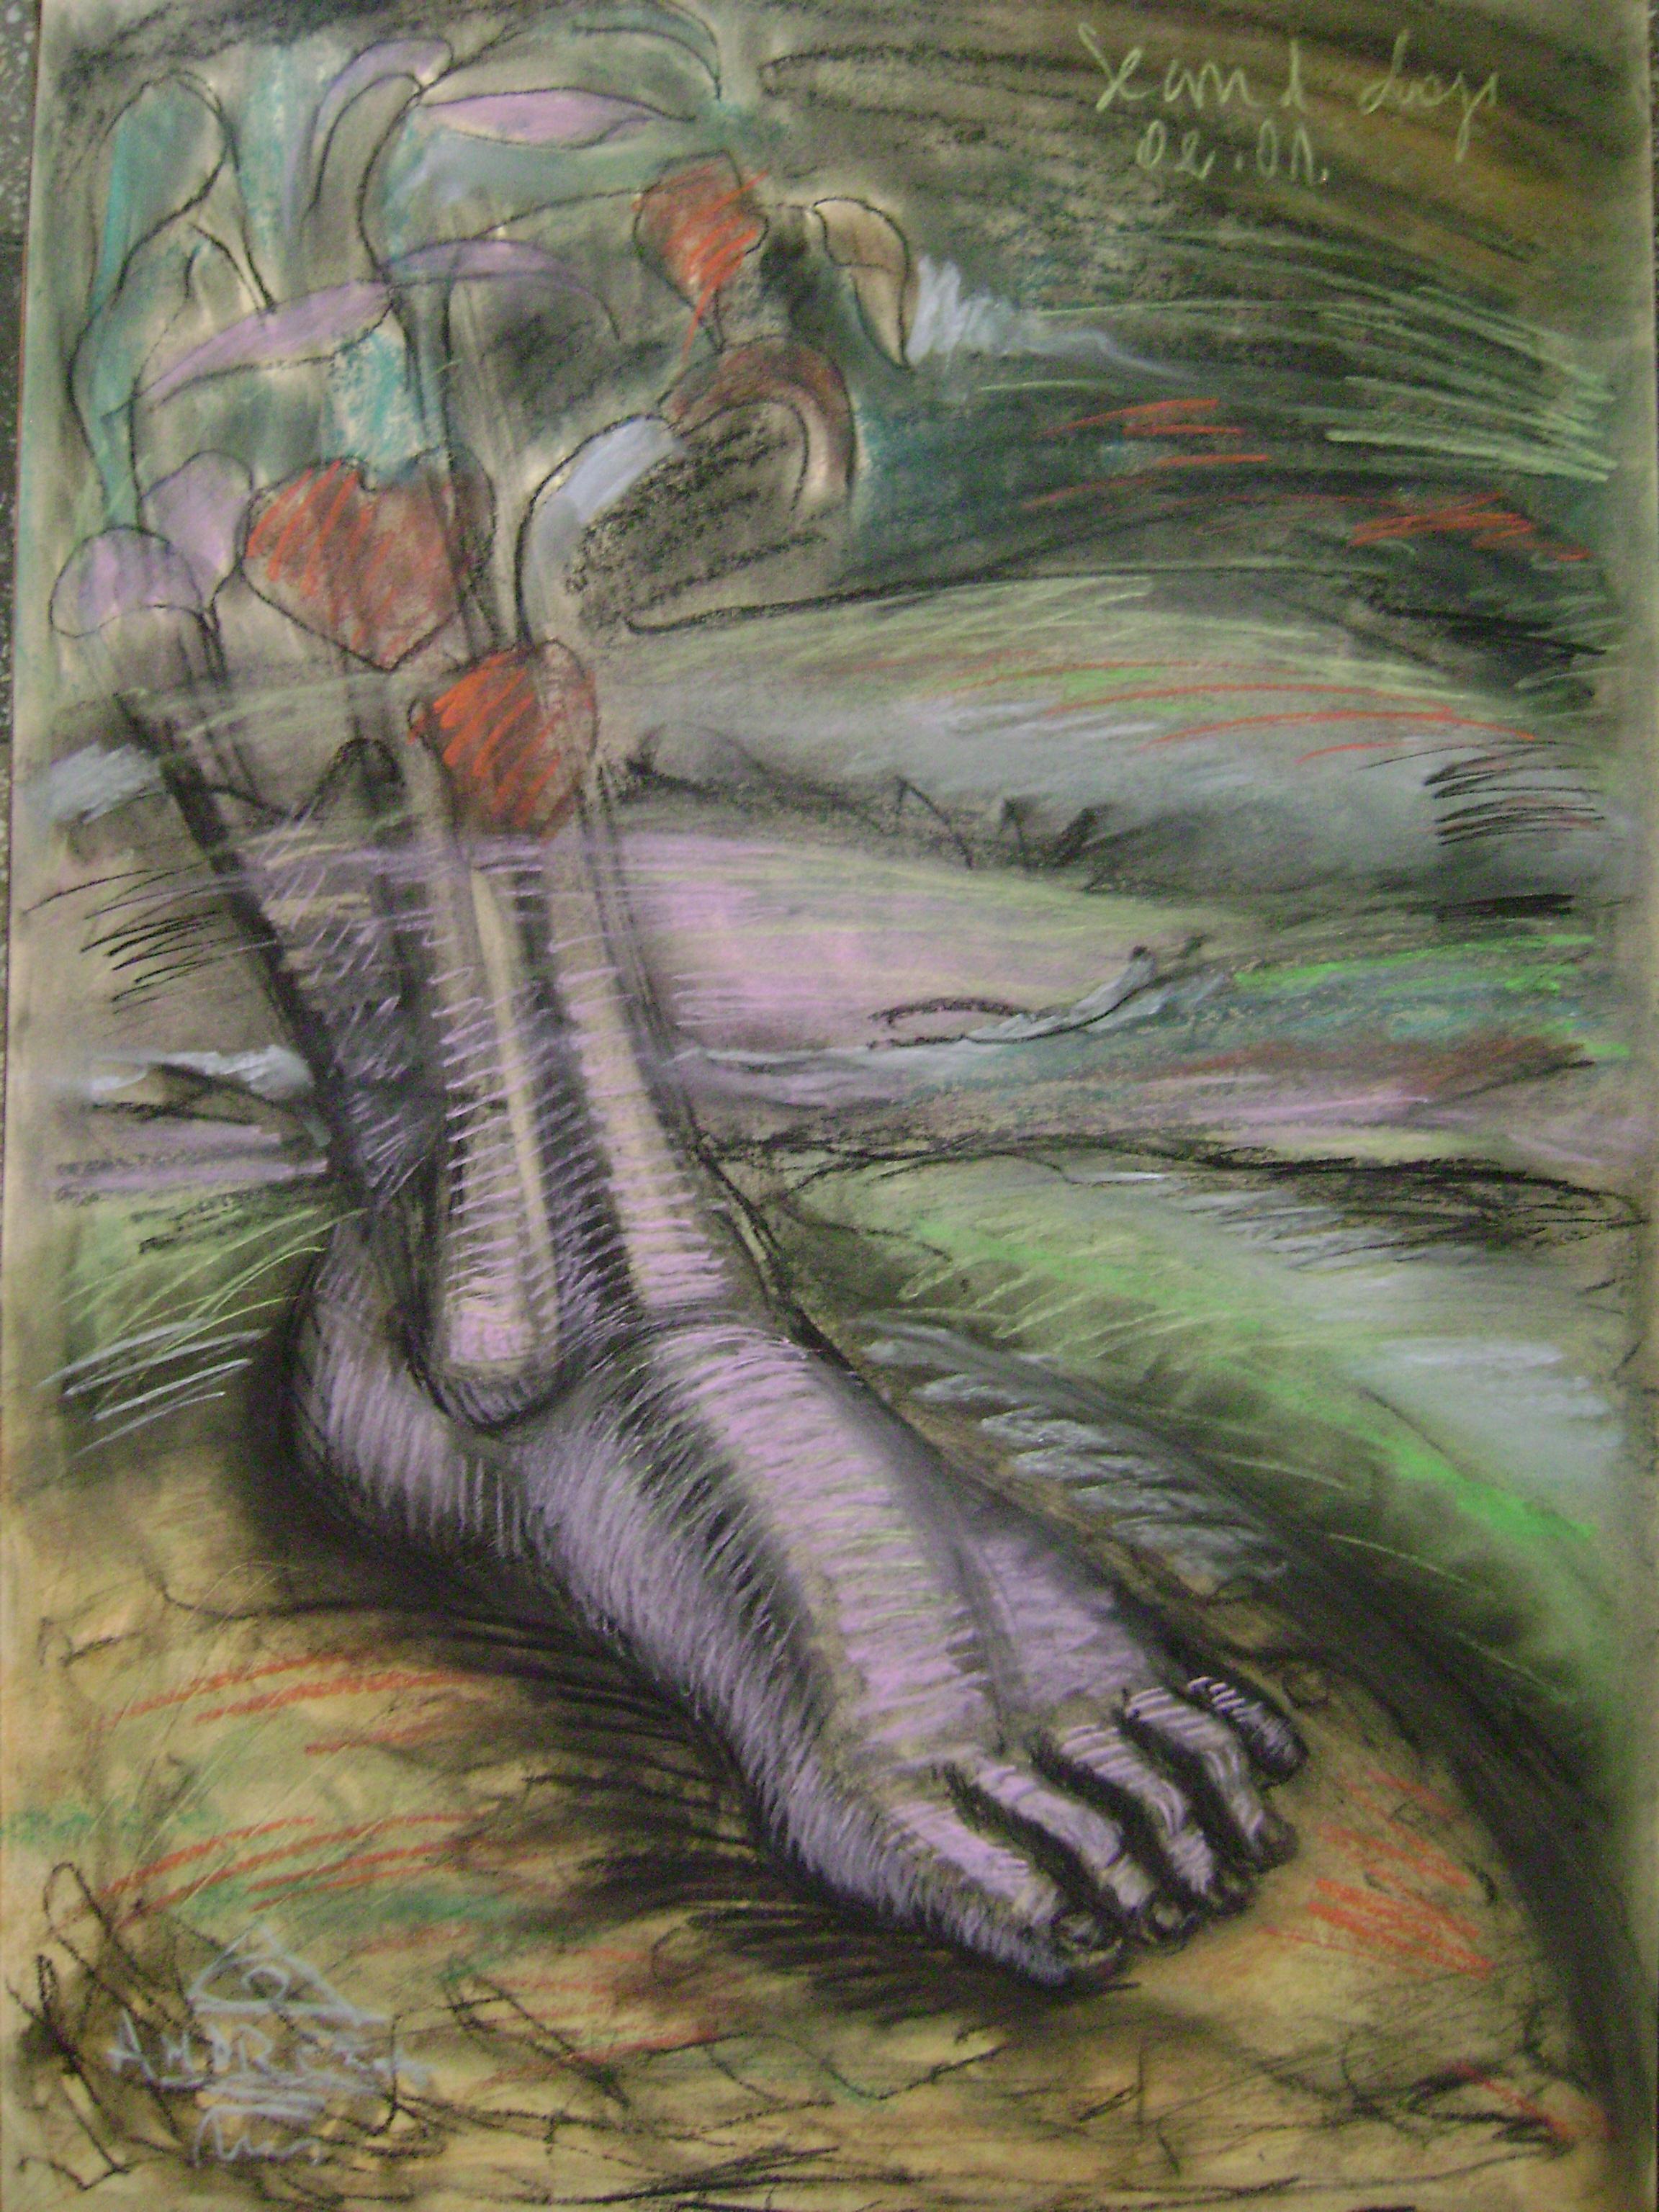 ANDREEA RUS , p. 2. artbook, 70-50 cm., 2015